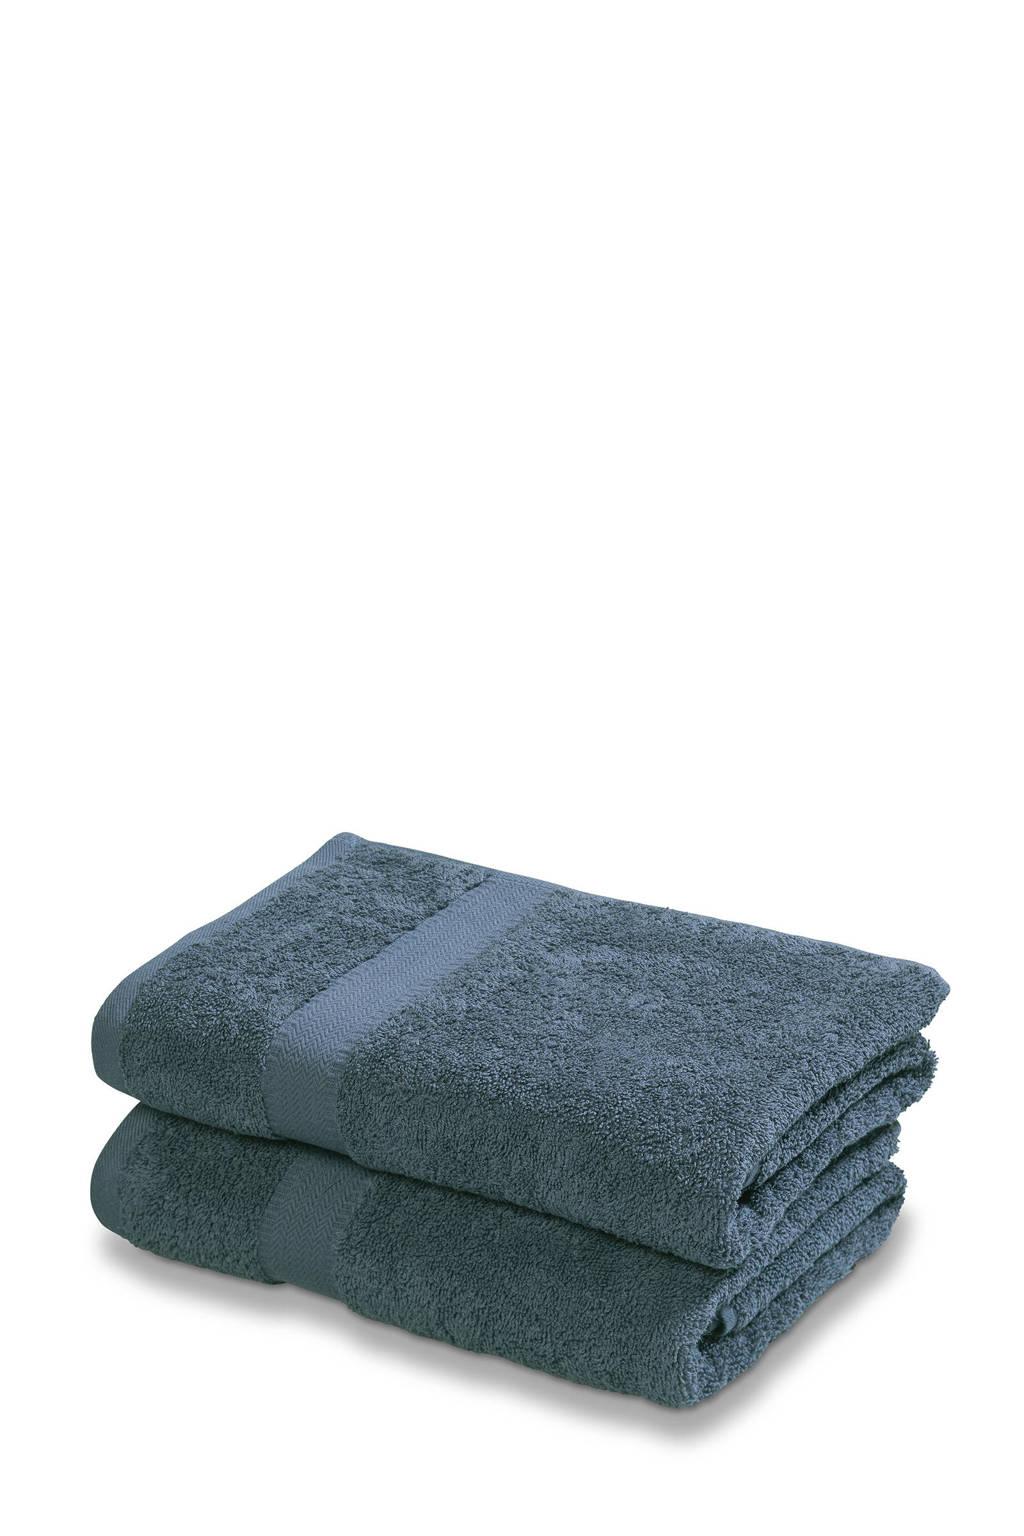 Vandyck handdoek (set van 2) (110 x 60 cm) Dark denim